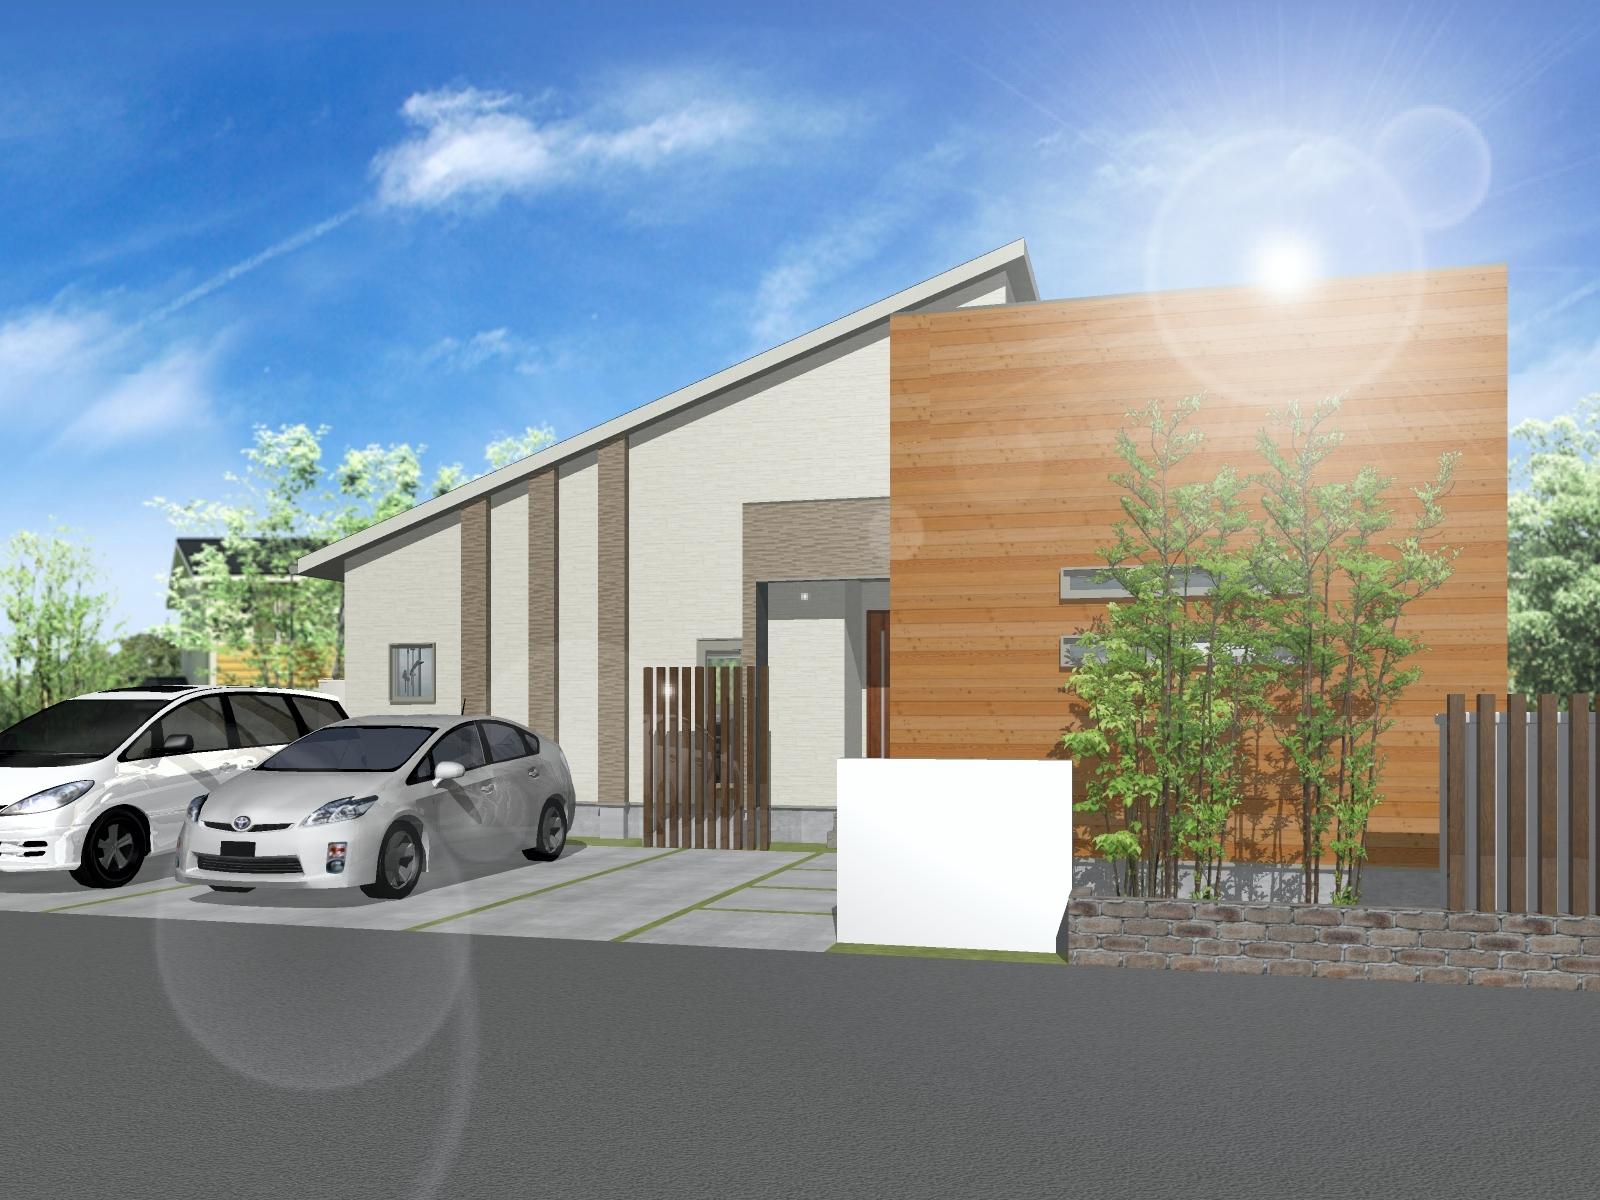 平屋モデルハウス建設のお知らせです!